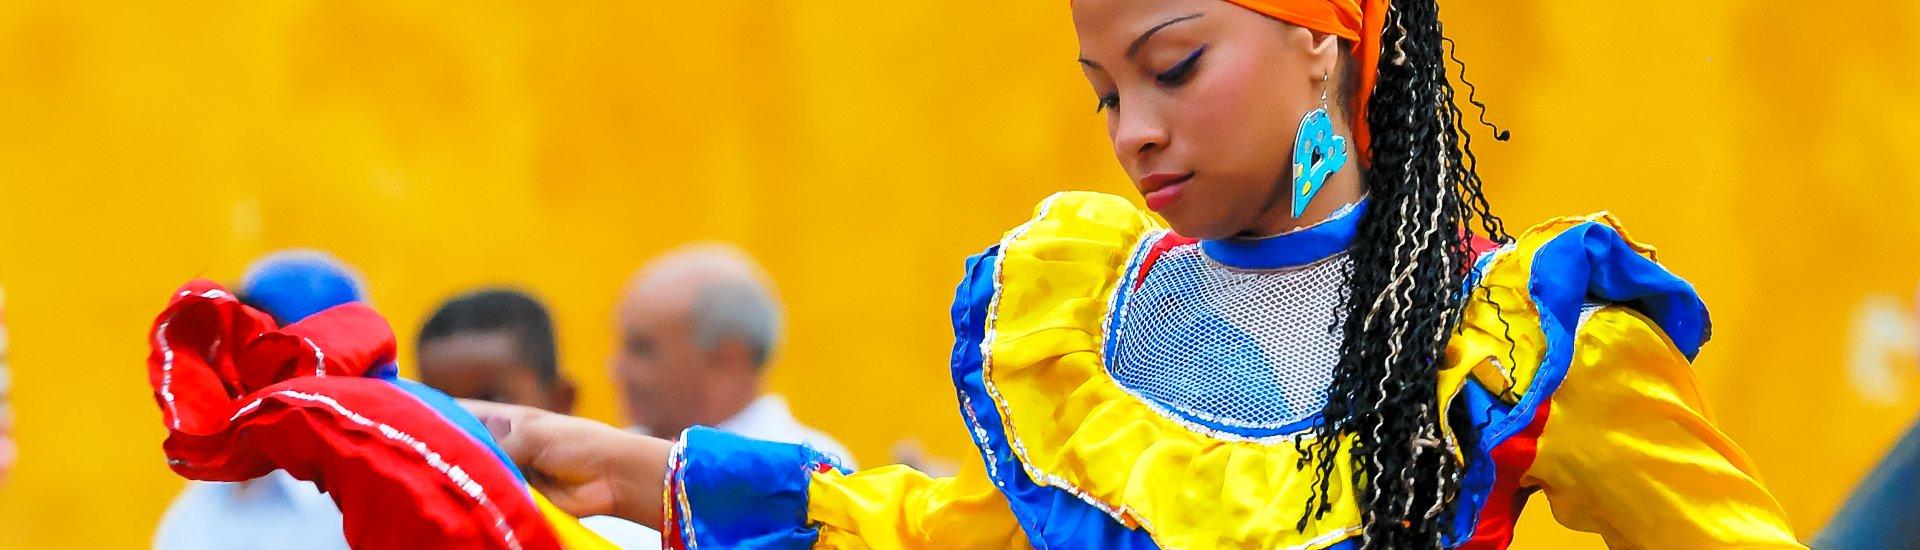 San Agustín -  Erlebnisreisen Kolumbien Kulturreisen Naturreisen